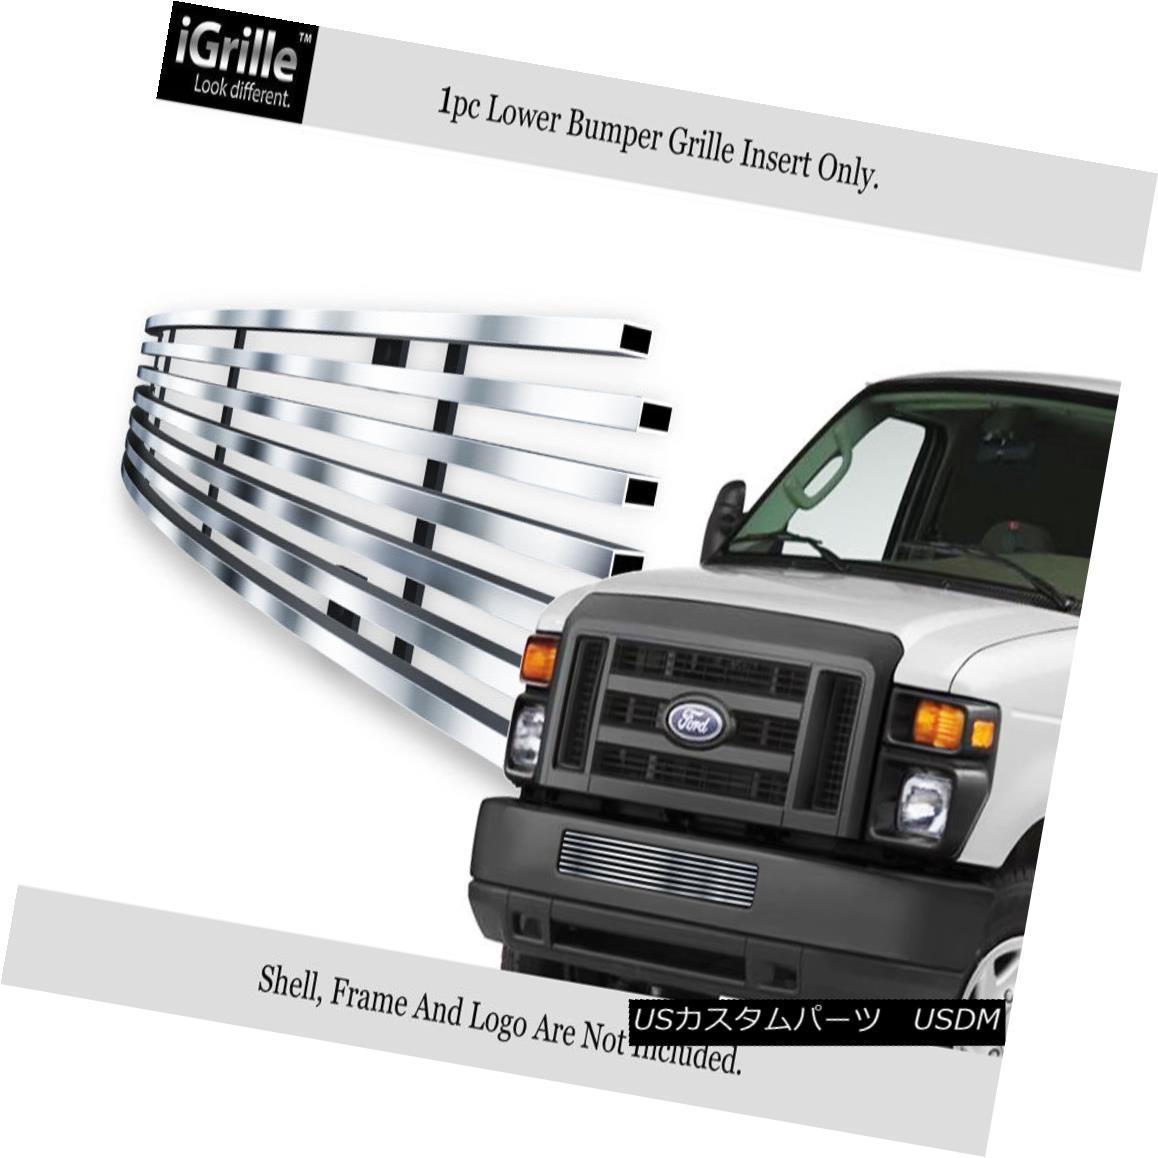 グリル Fits 2008-2013 Ford Econoline Van/E-Series Bumper Stainless Steel Billet Grille Ford Econoline Van / Eシリーズバンパーステンレス鋼ビレットグリル